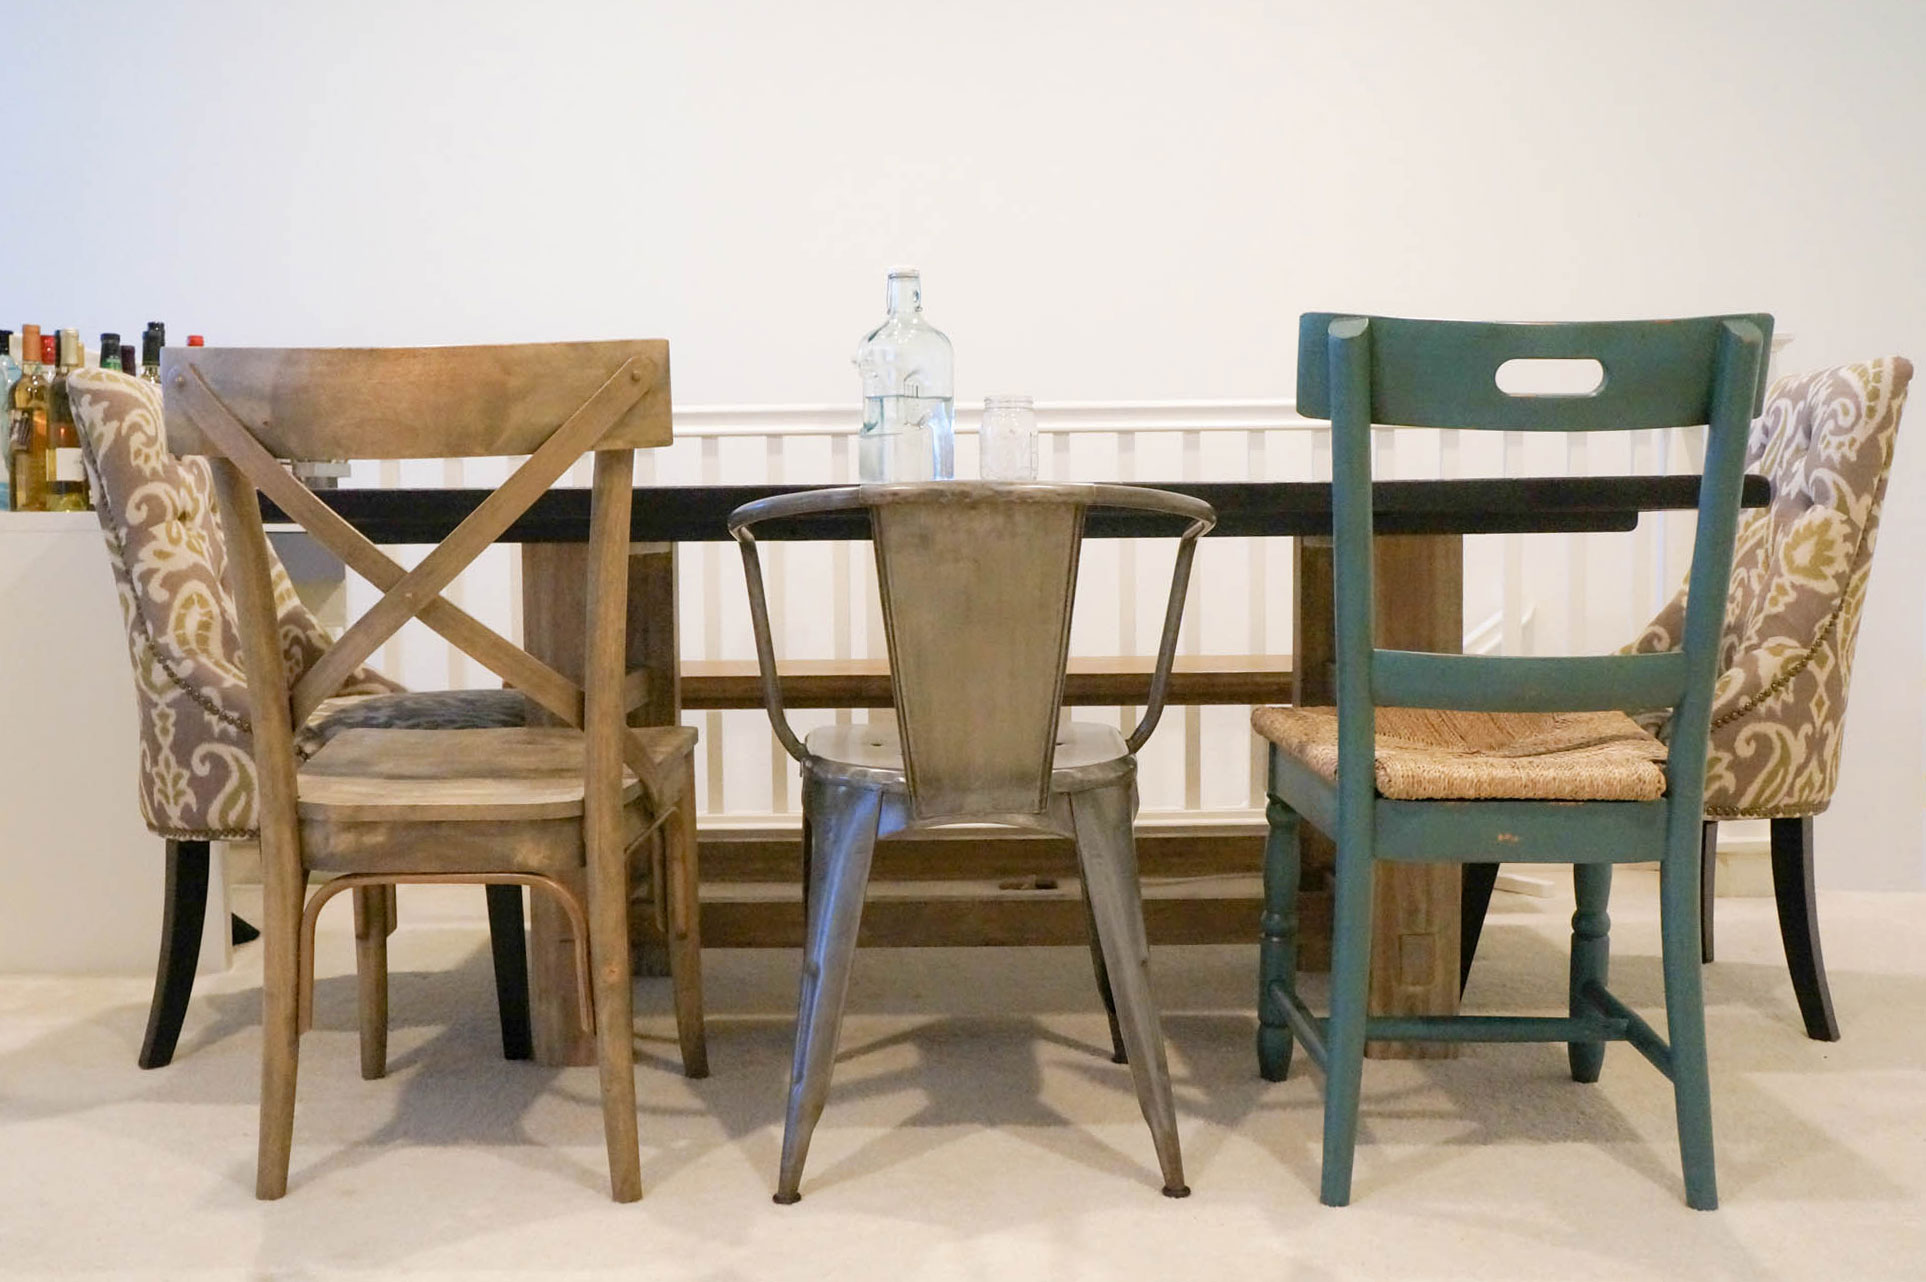 Mismatched Bedroom Furniture Mismatched Furniture My Mismatched Chairs Furniture I